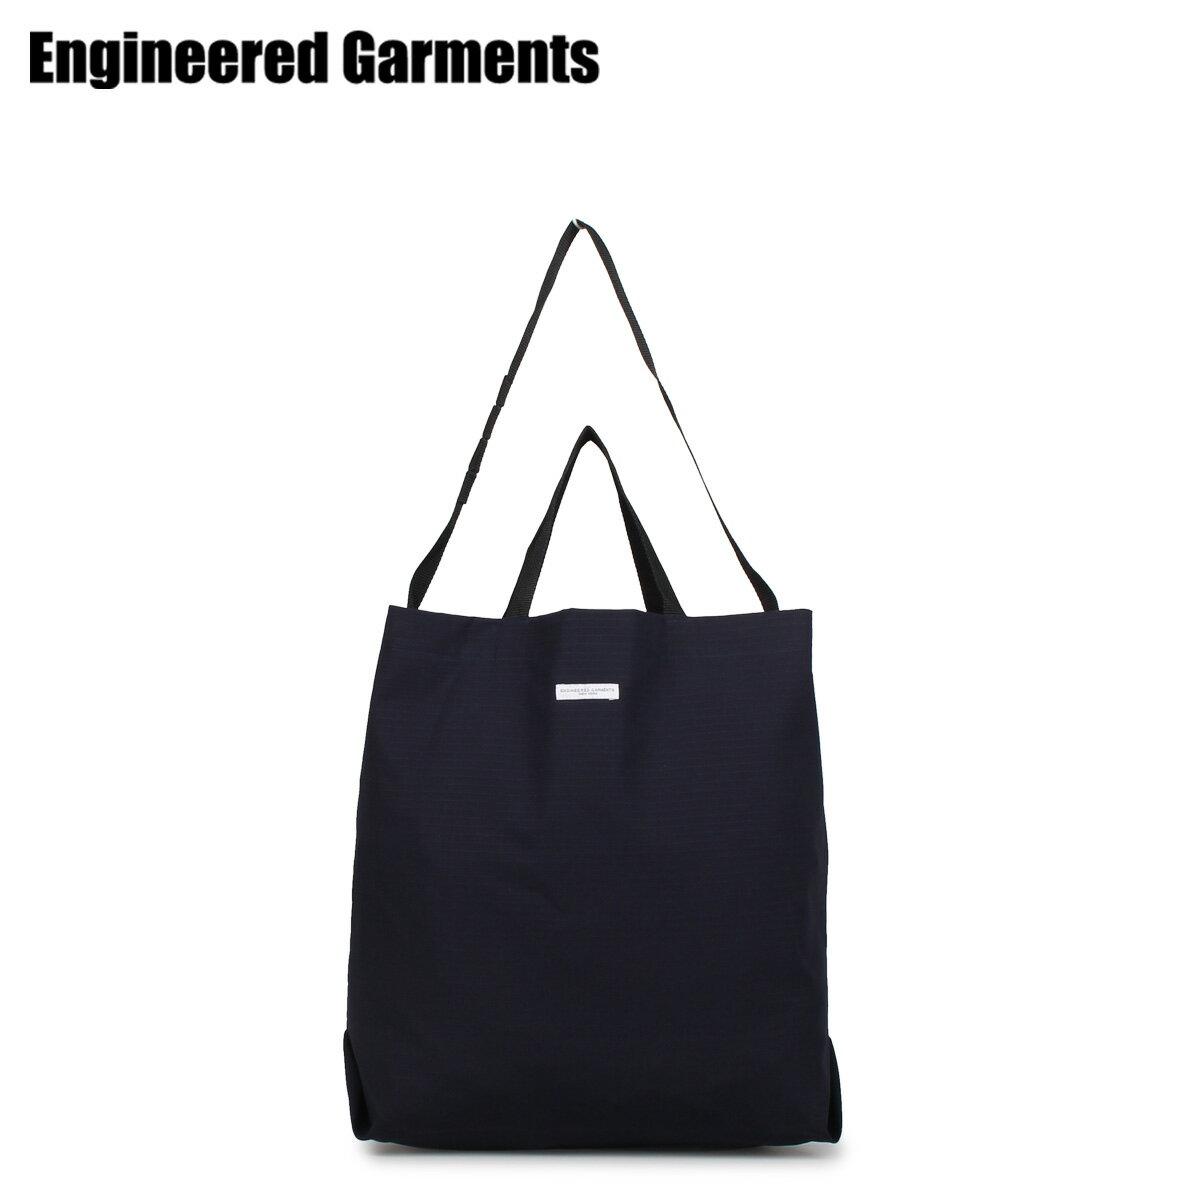 男女兼用バッグ, トートバッグ 2000OFF ENGINEERED GARMENTS 2WAY CARRY ALL TOTE 20S1H015